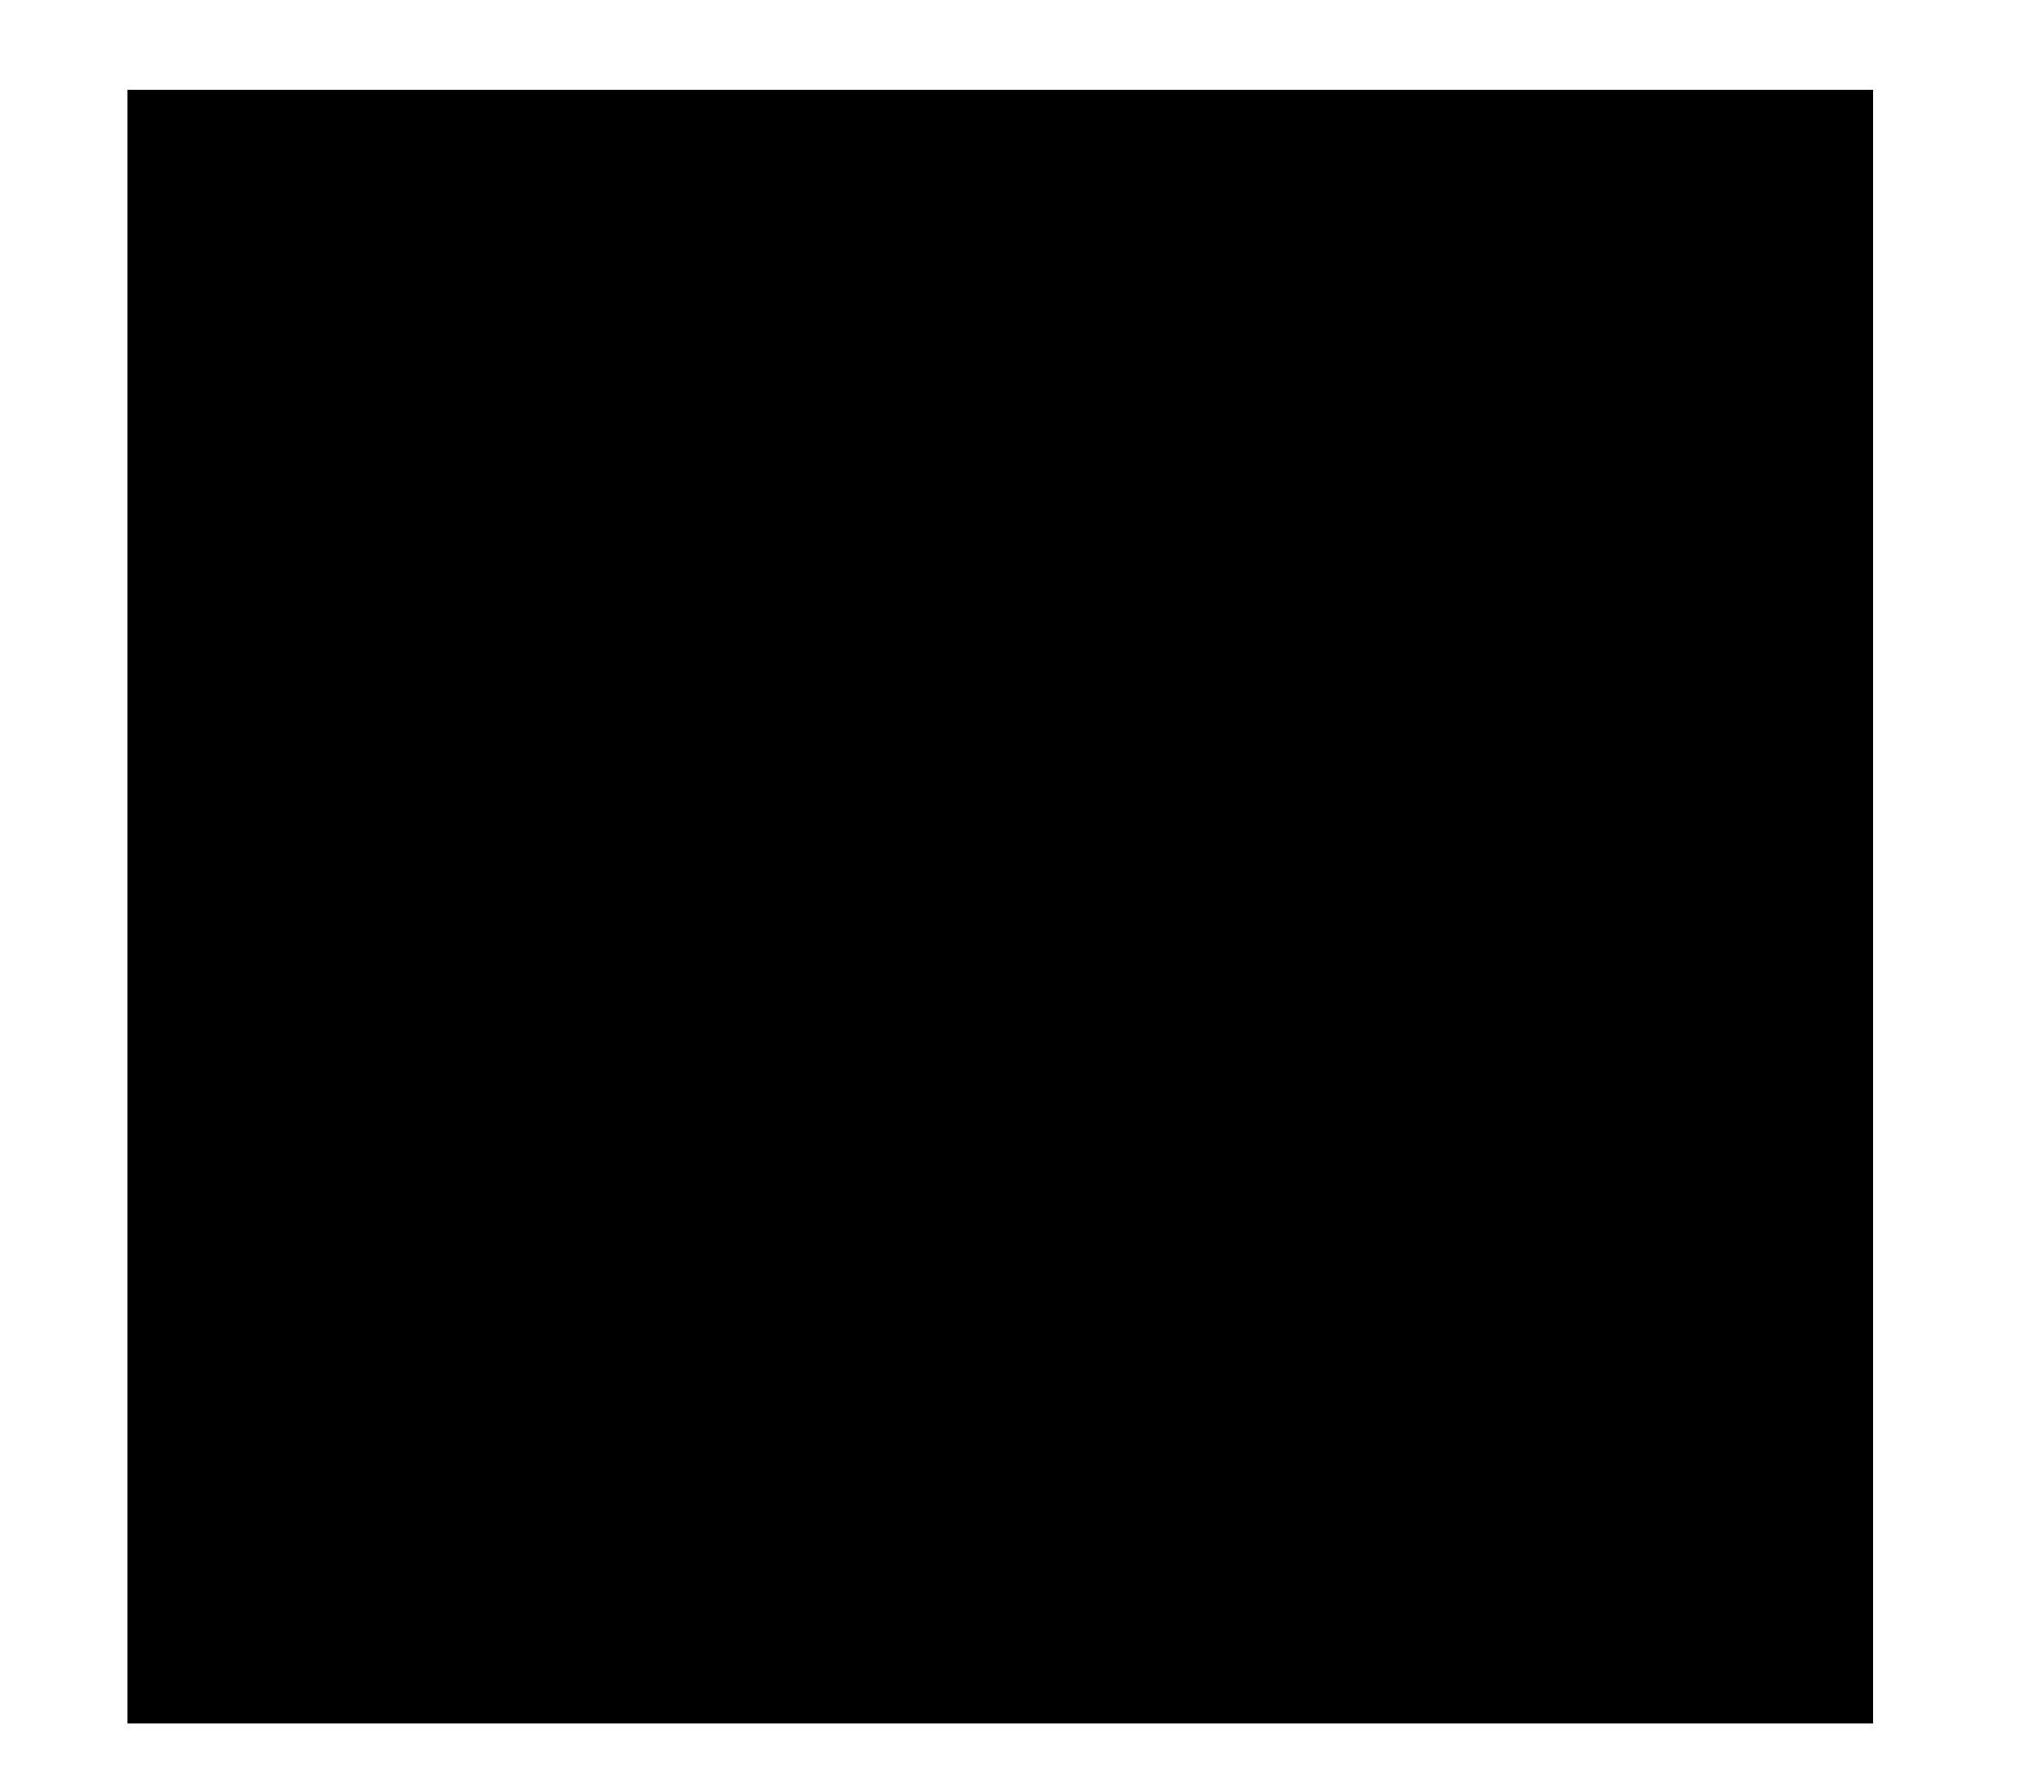 isometrie6